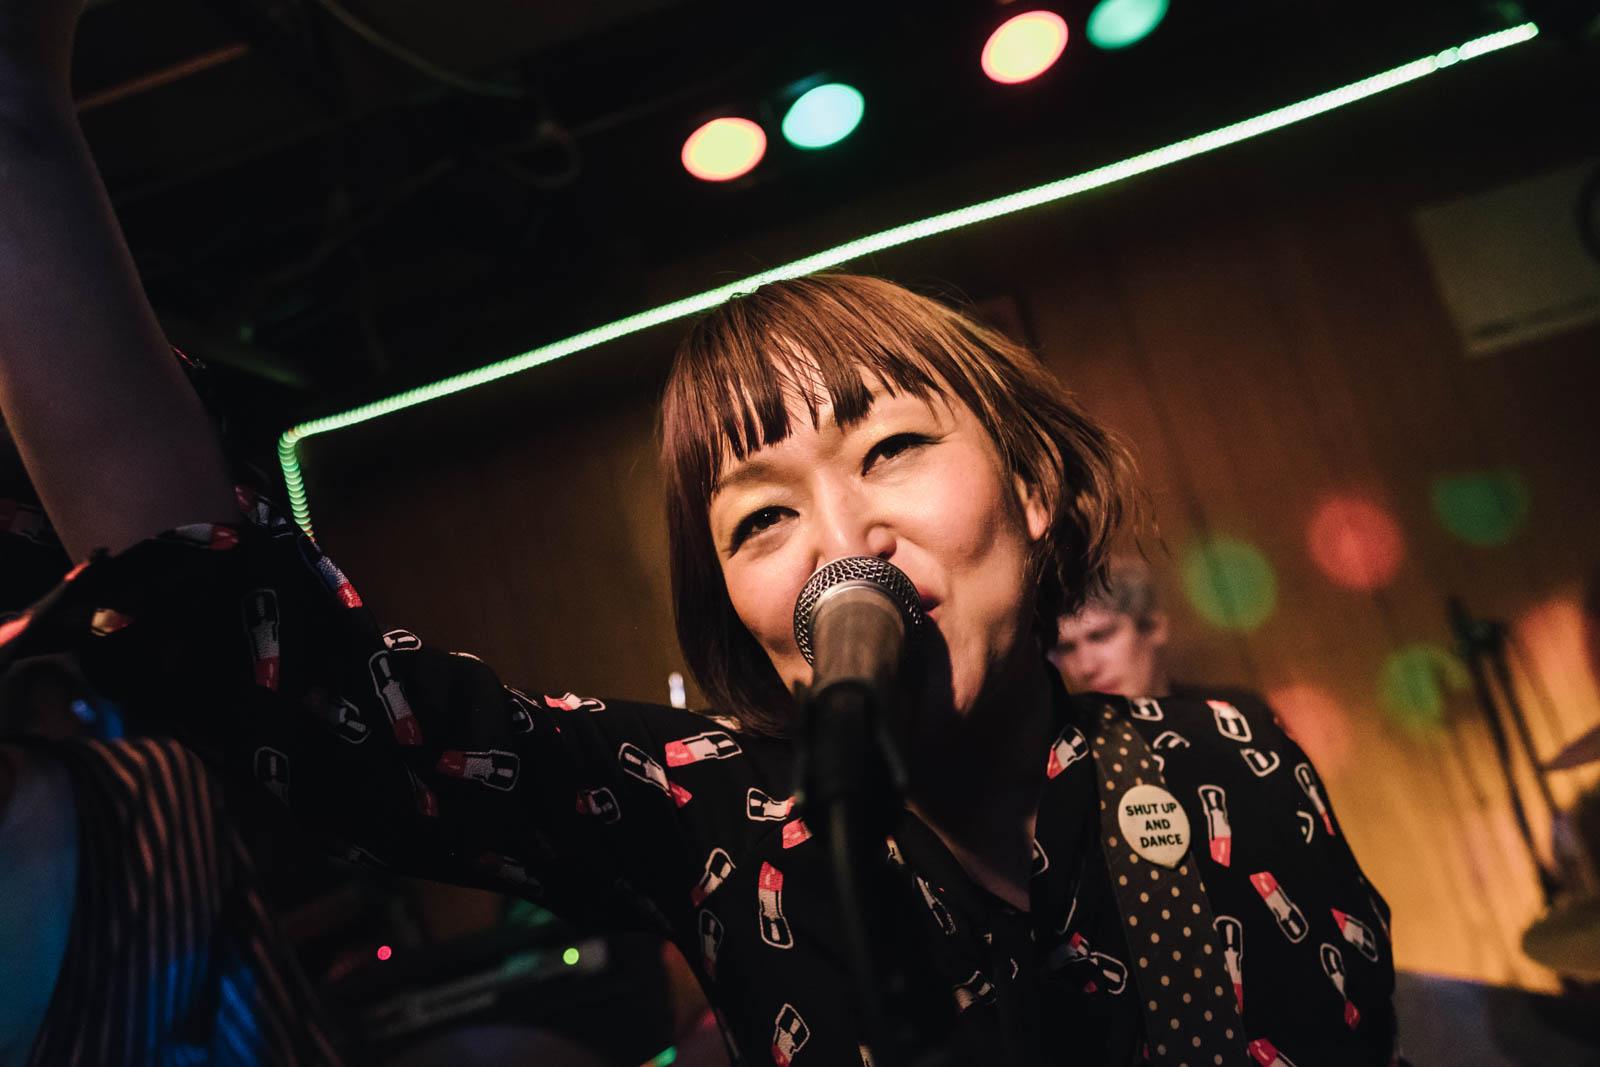 Koenji Tweezers Live 高円寺 Tweezers ライブ-16.jpg